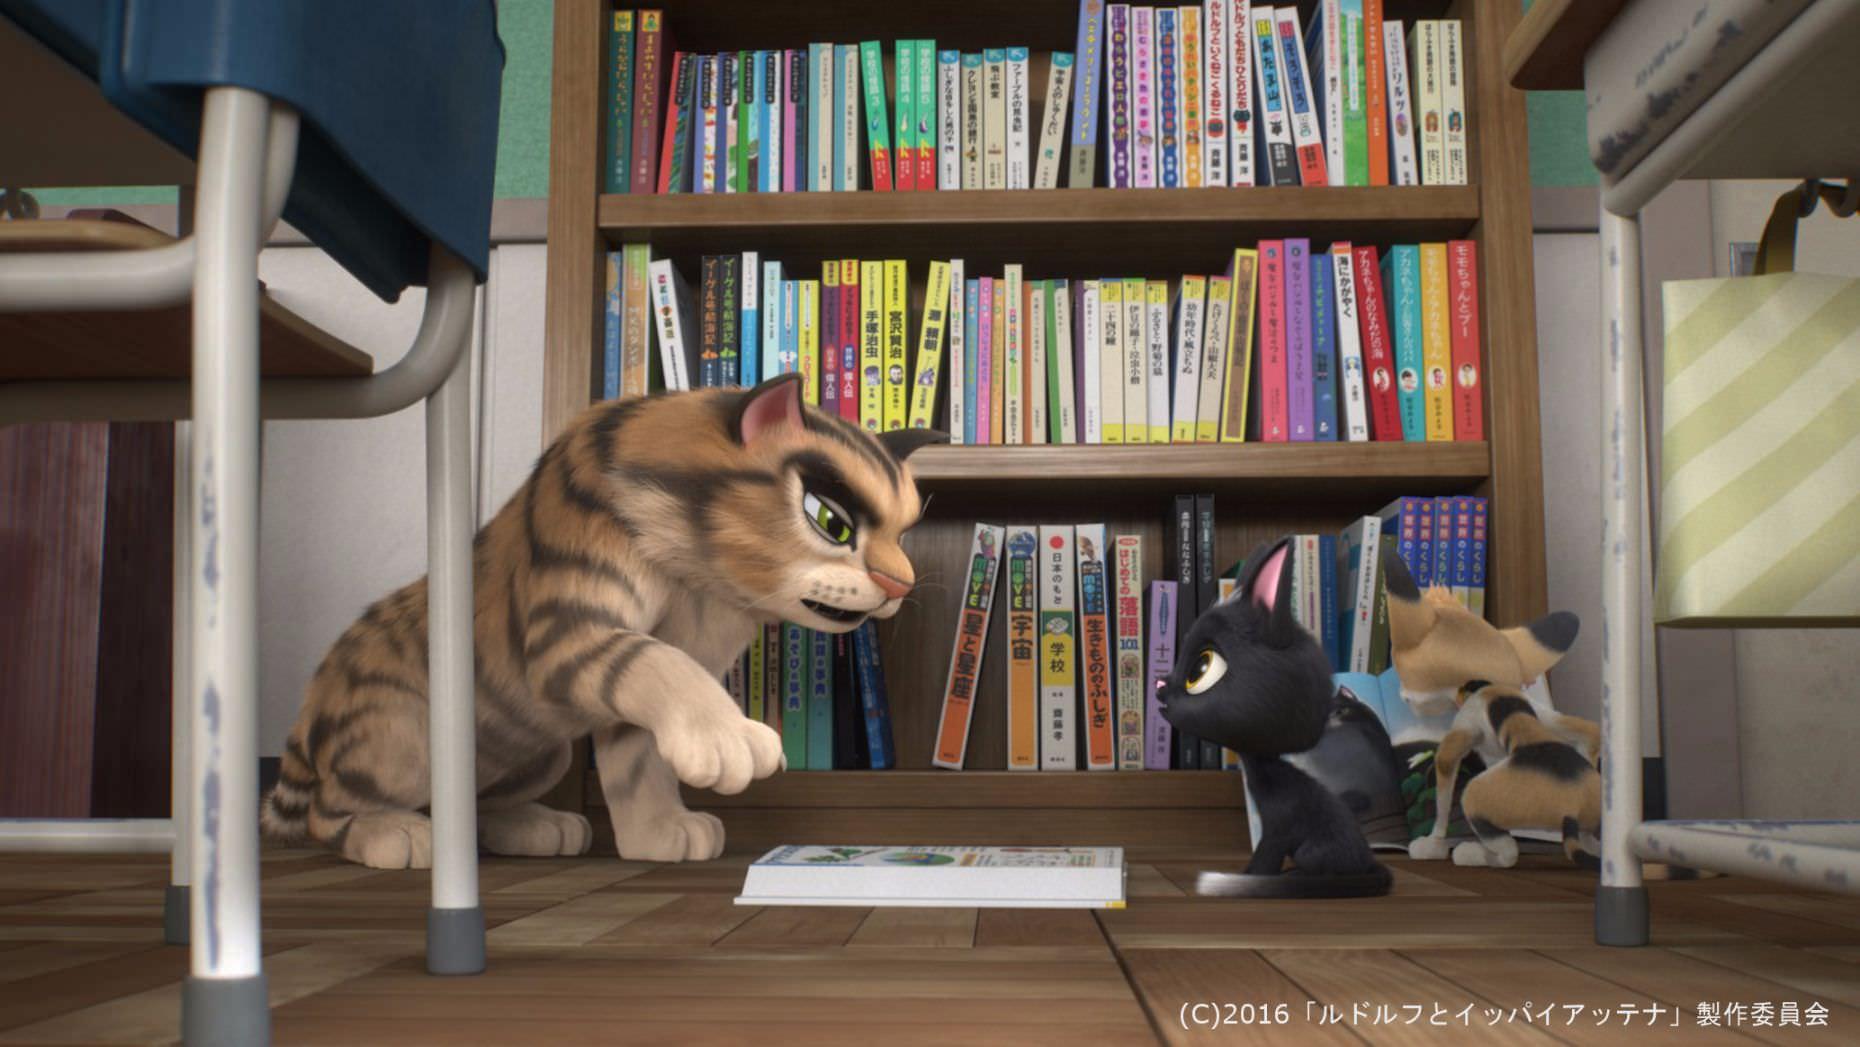 黑貓魯道夫:讓小孩愛上用功讀書的親子教育動畫┃影評